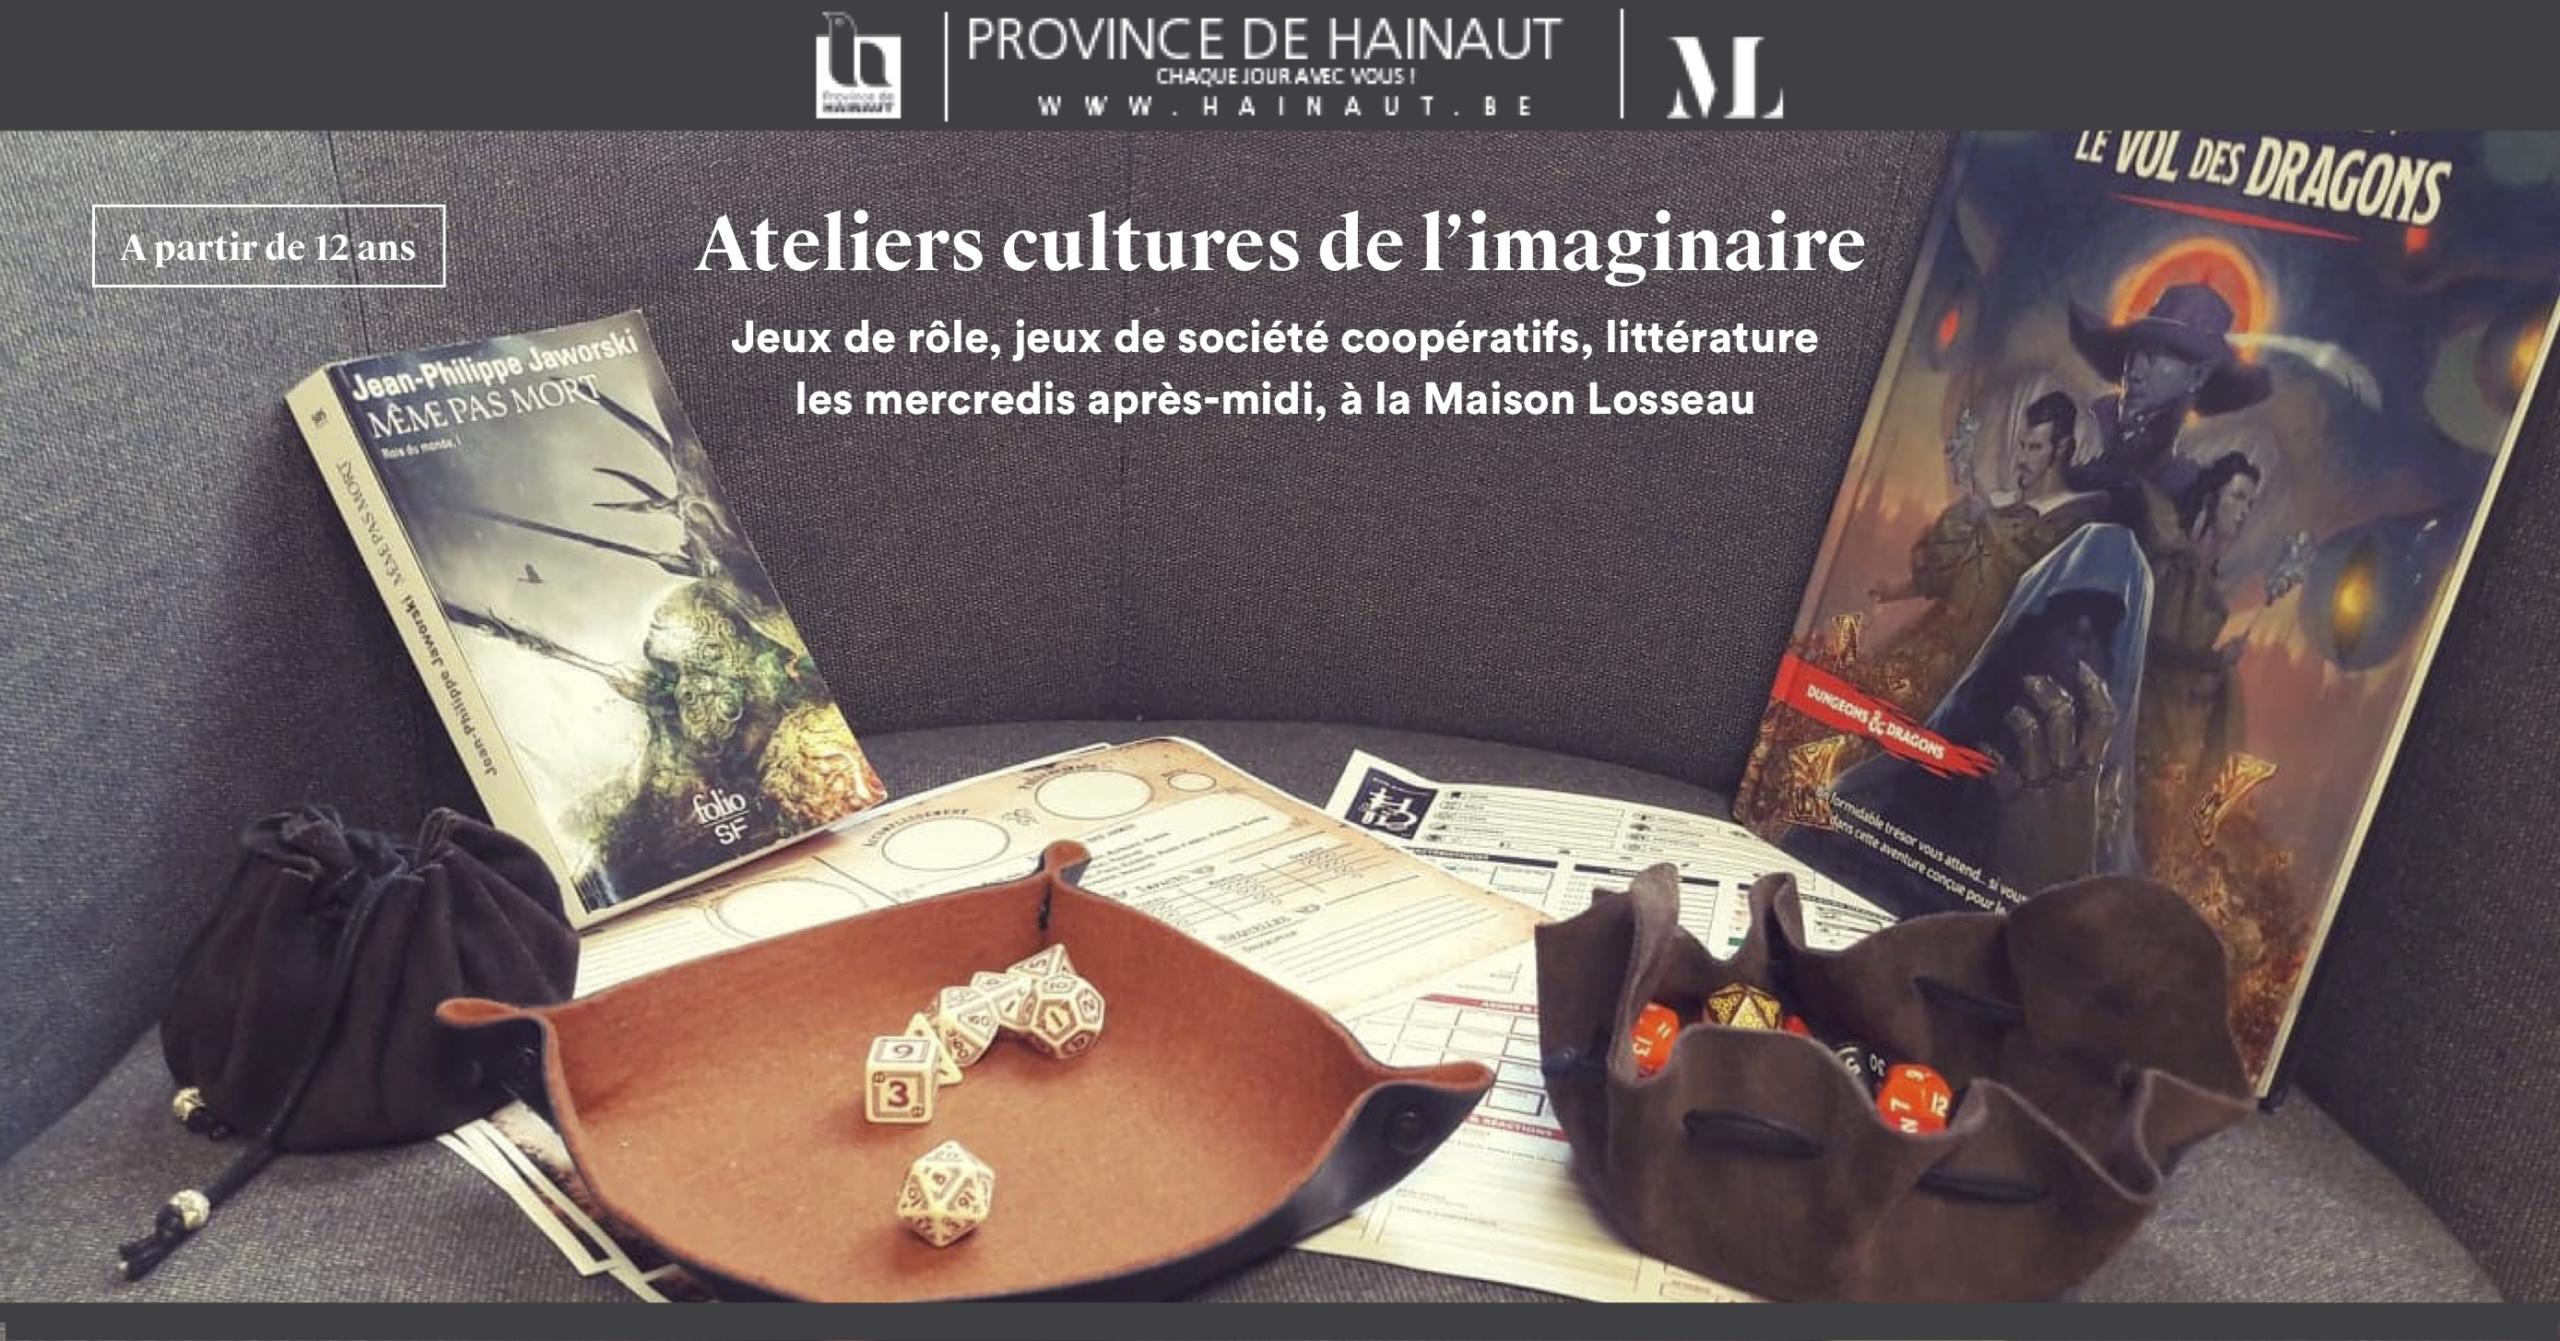 Ateliers culture de l'imaginaire Maison Losseau